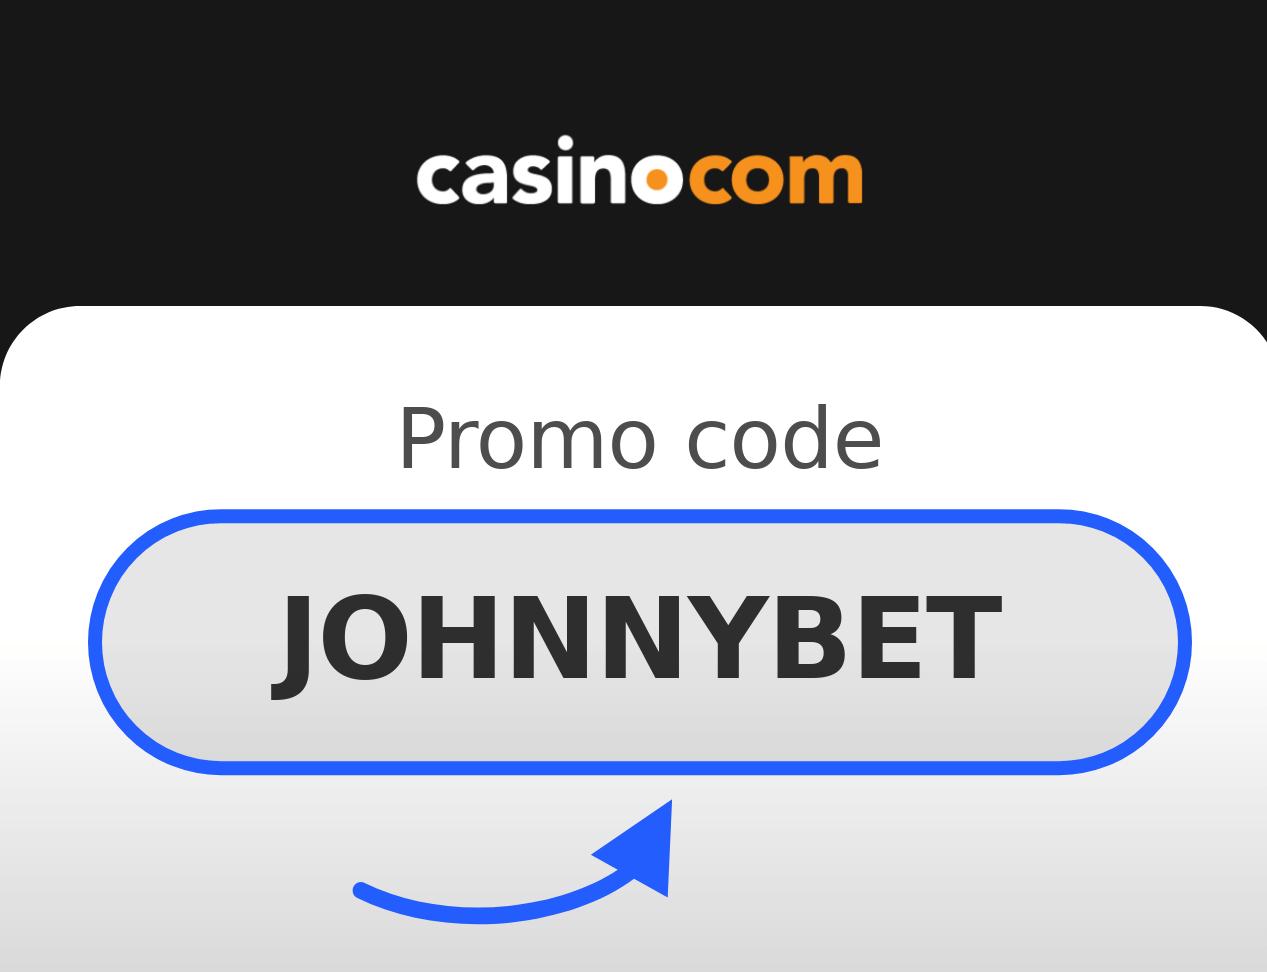 Casino.com Promo Code